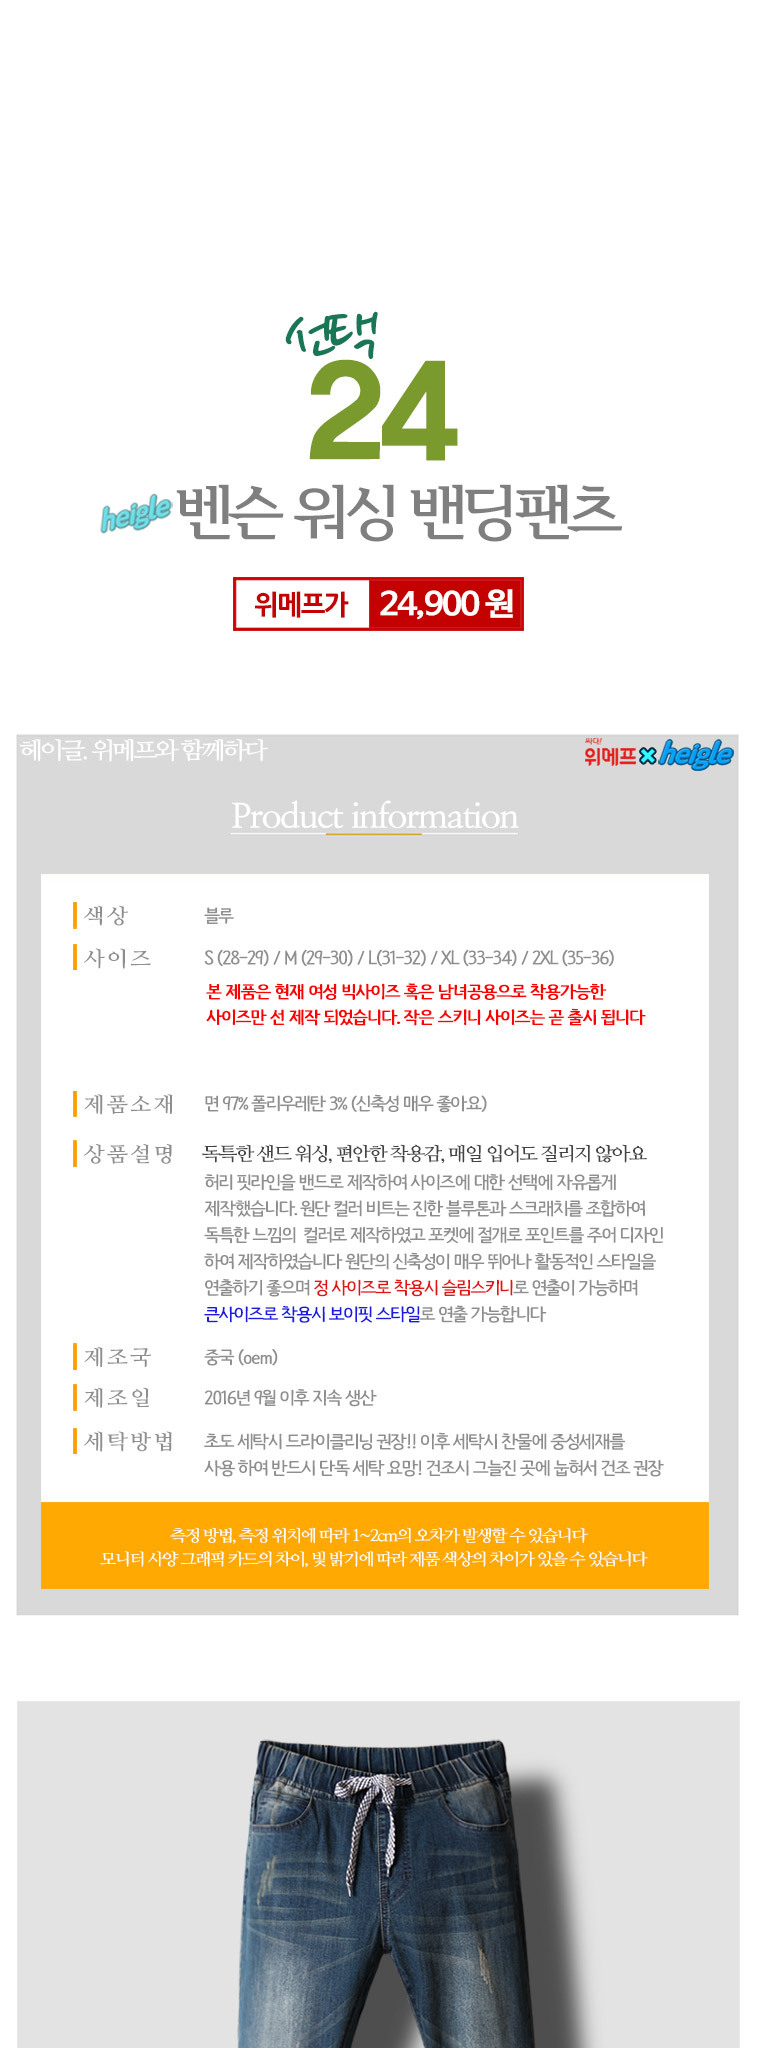 [무료배송] 헤이글 신상 밴딩팬츠 - 상세정보